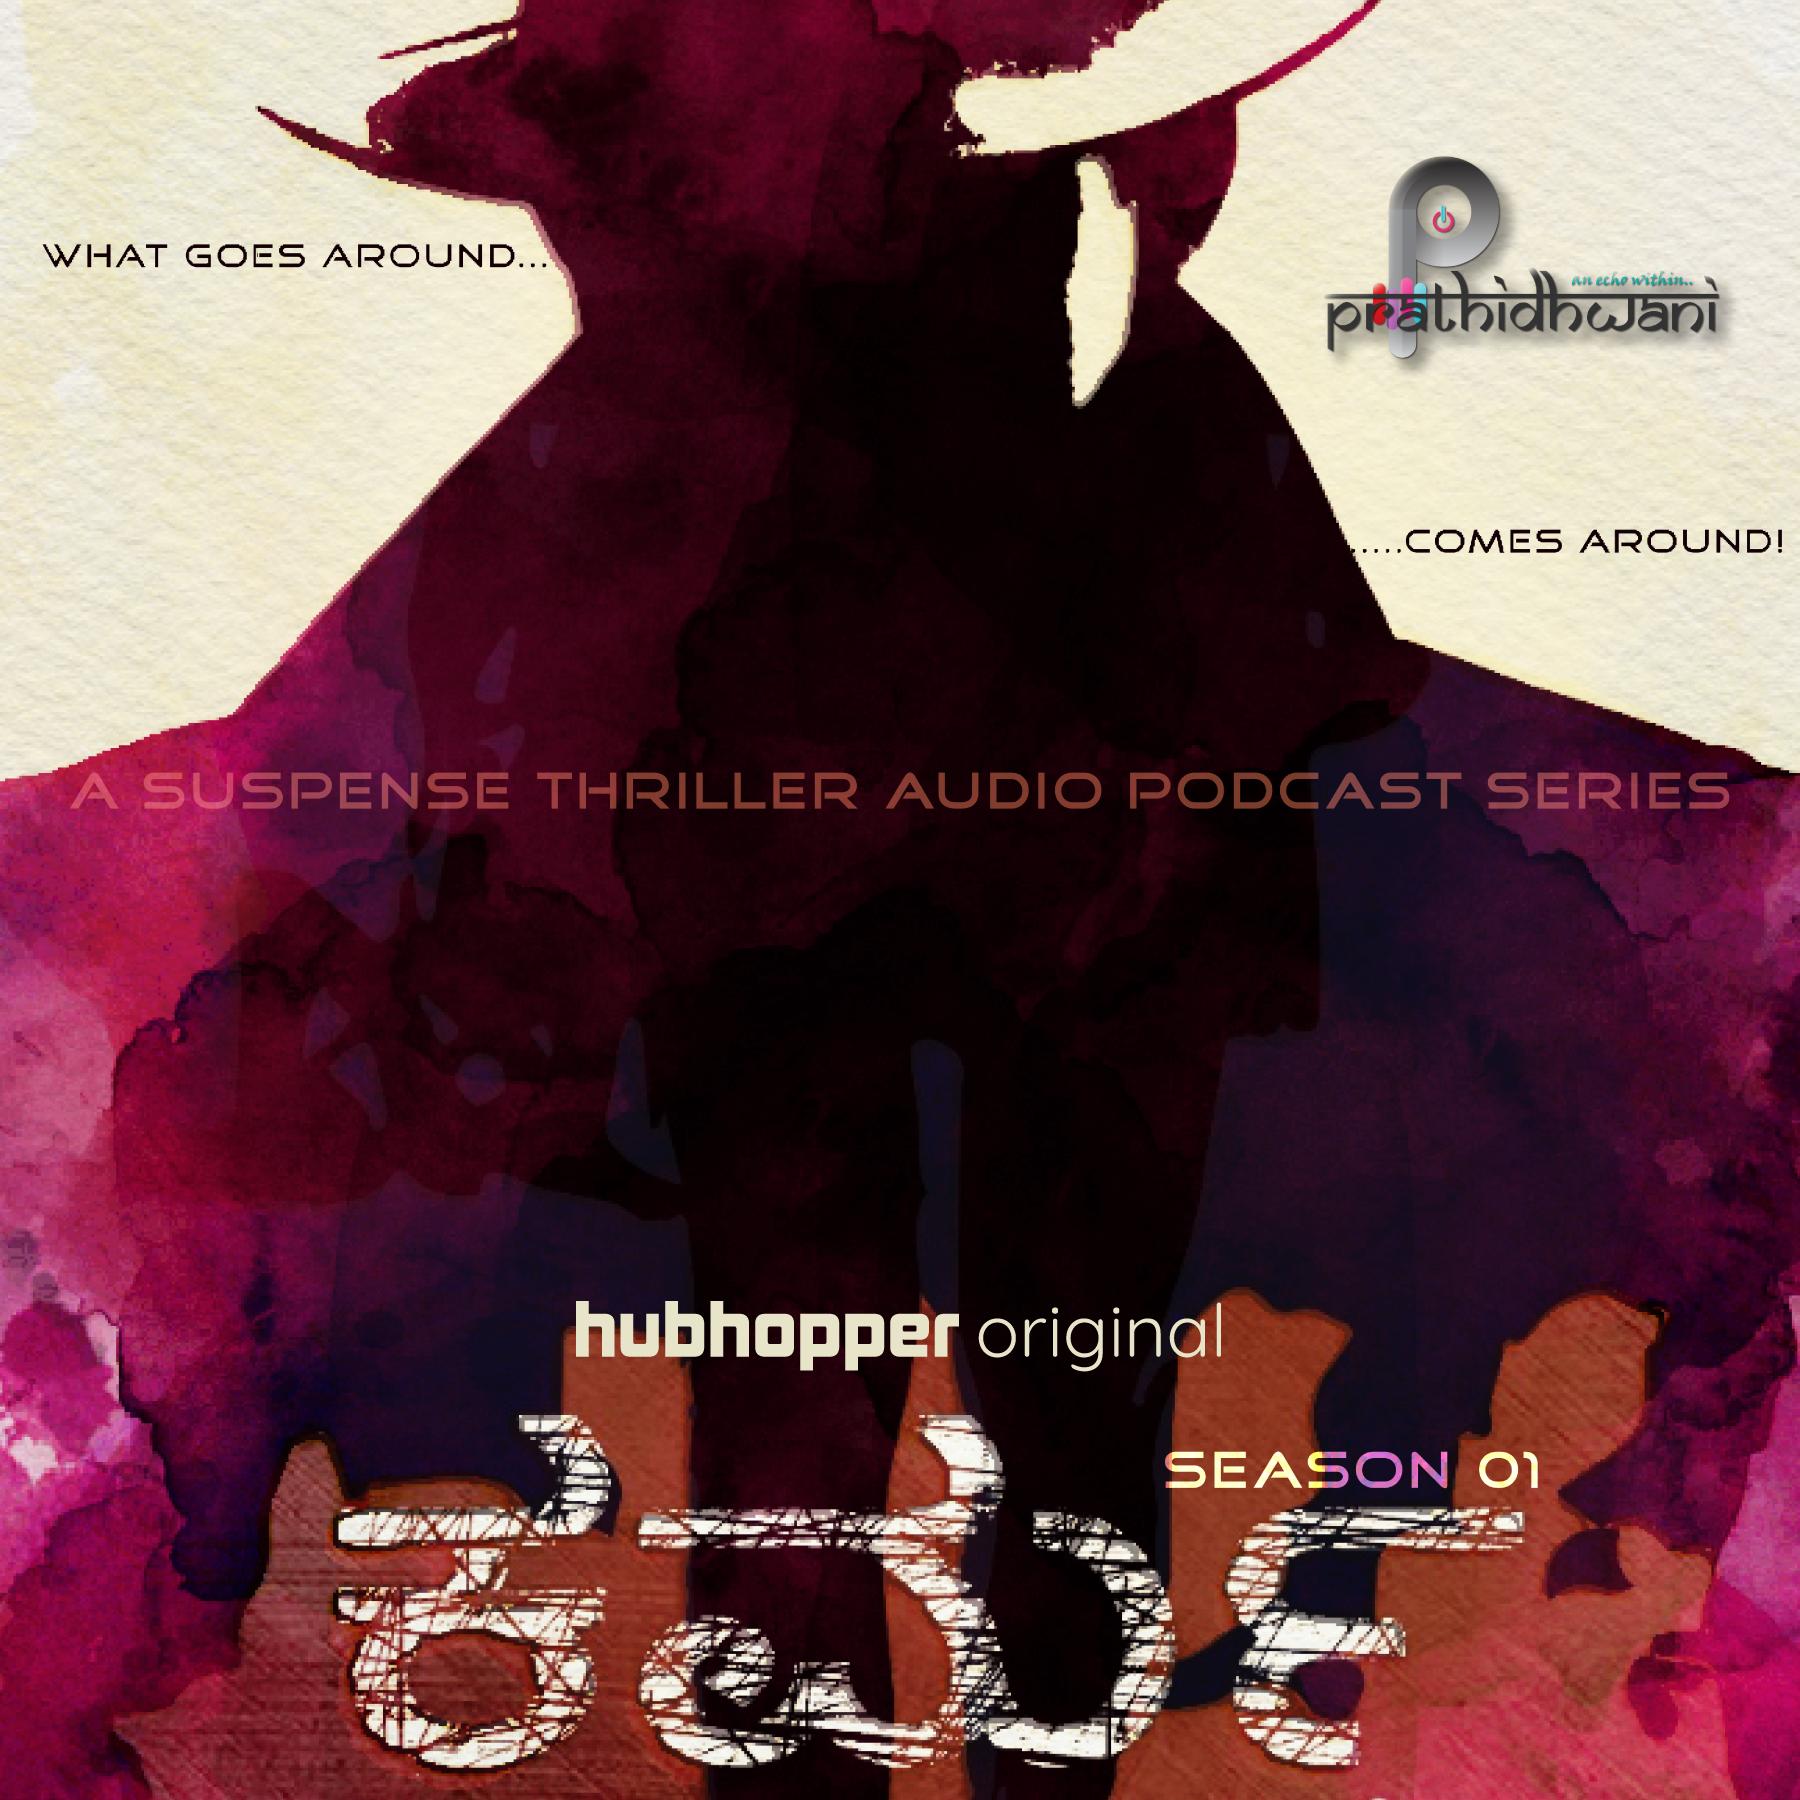 Episode 07 (Part 01): The Final Autopsy